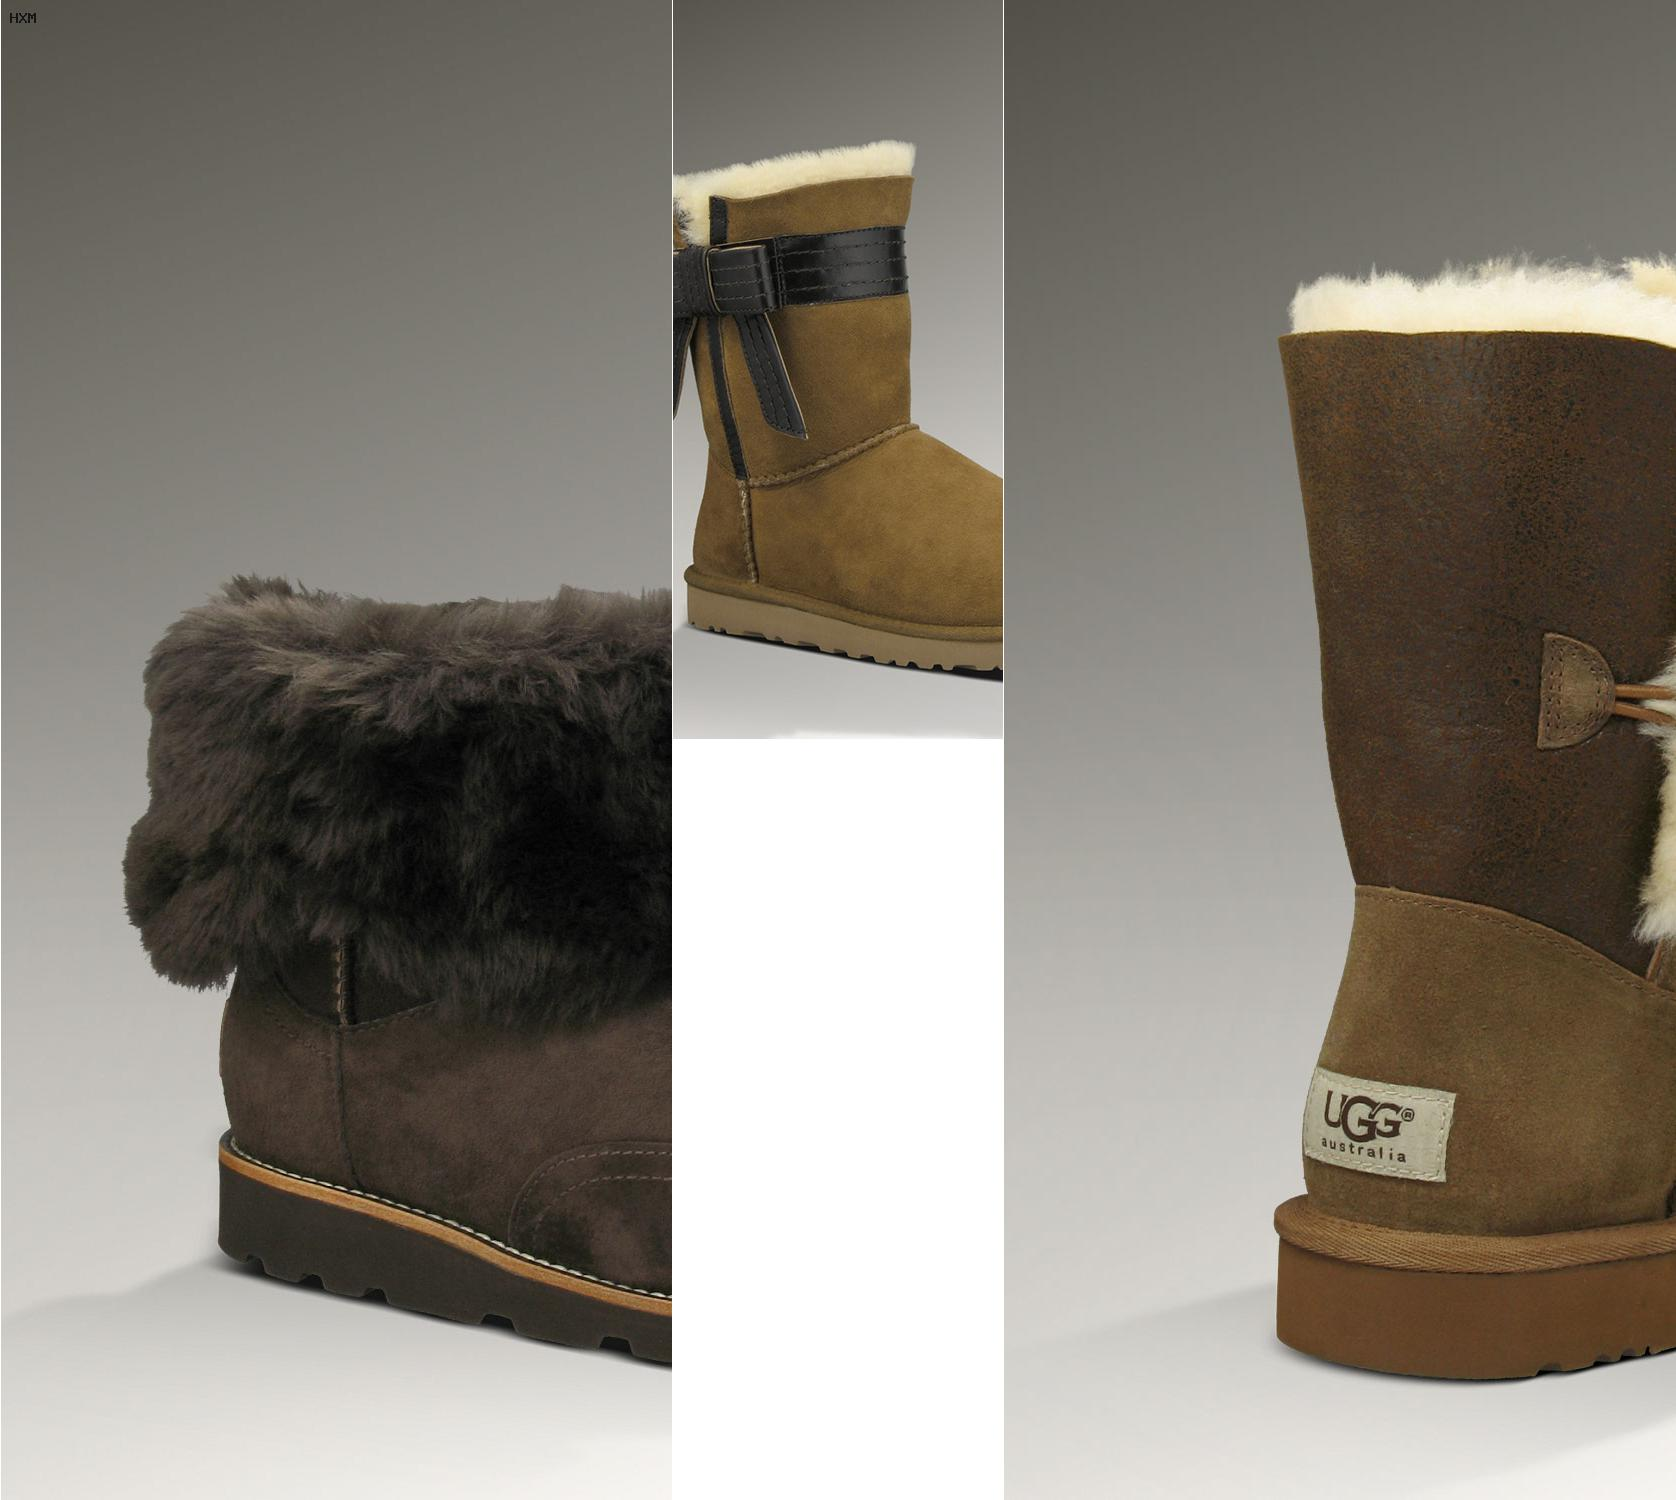 ugg boots schwarz 42